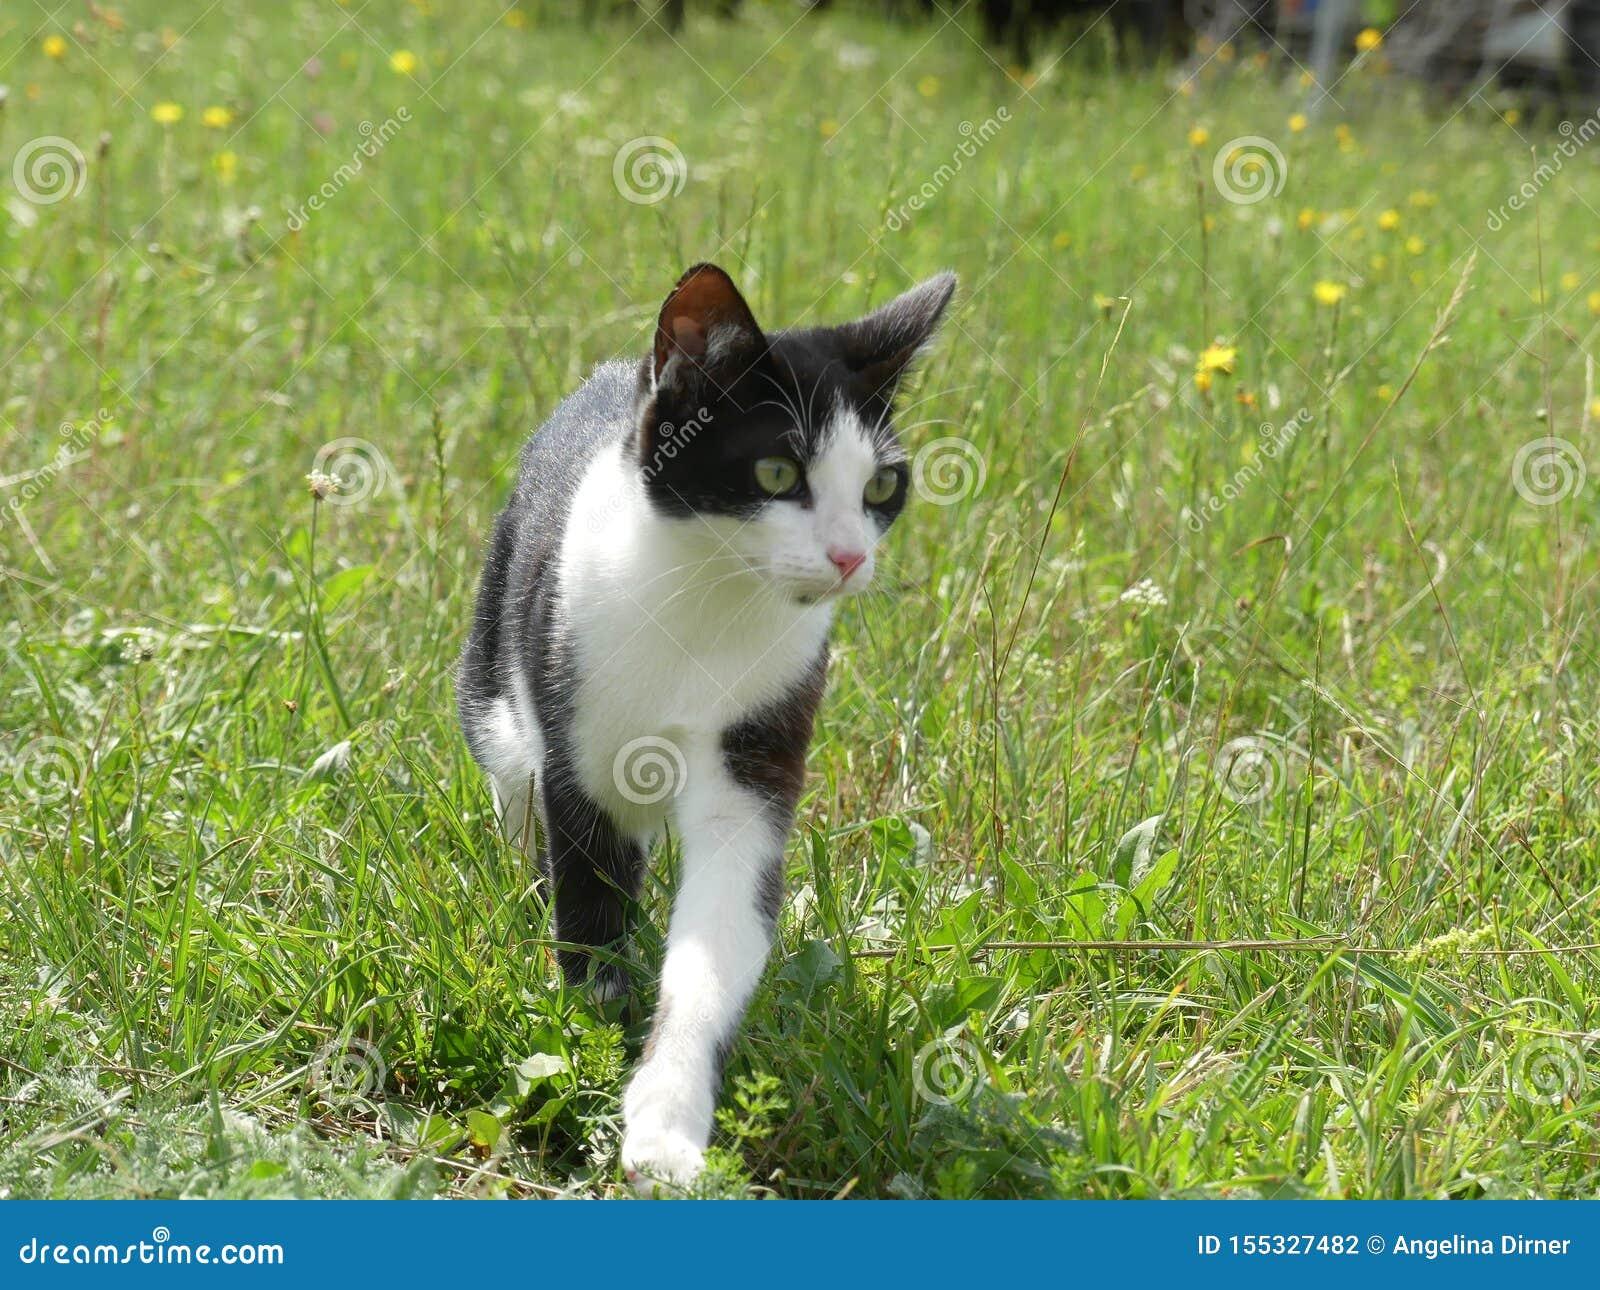 Europaisch Kurzhaar Katze Schwarzweiss In Der Natur Stockfoto Bild Von Katze Nave 155327482